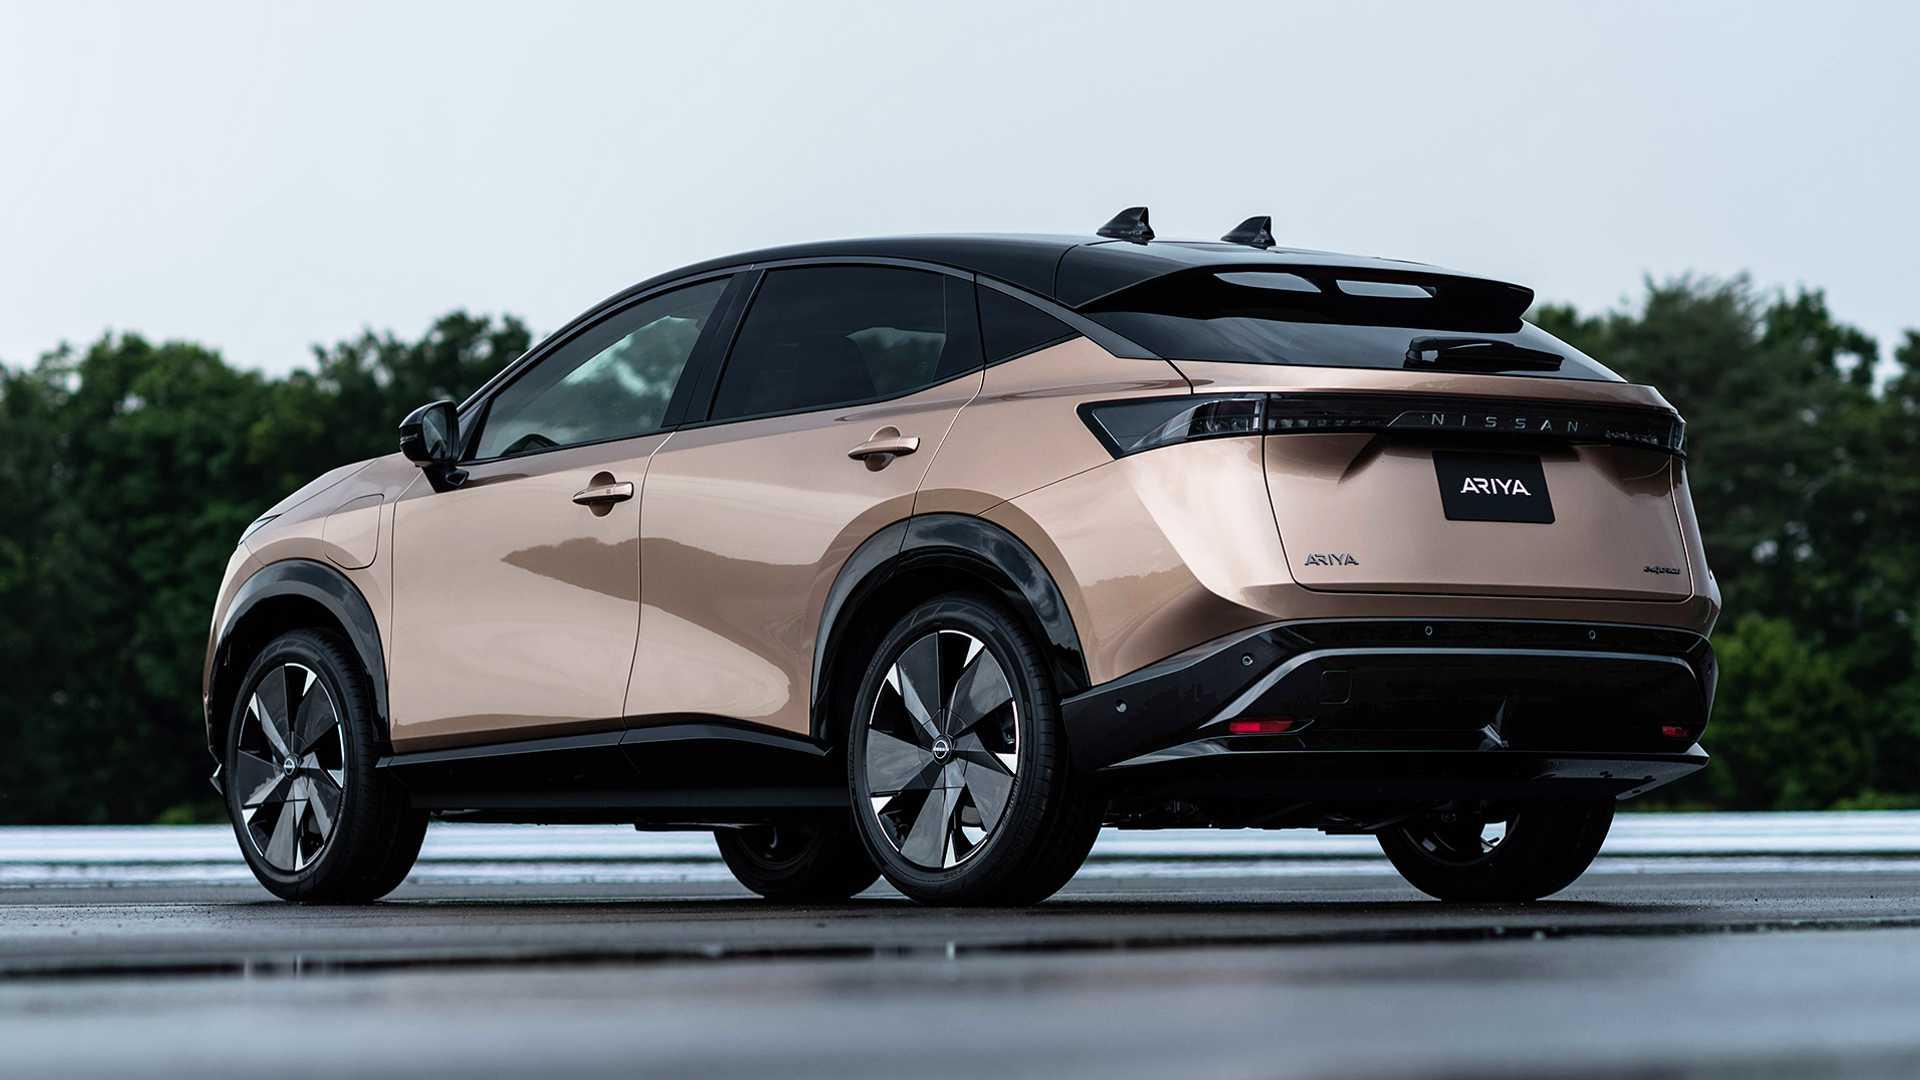 В Україні будуть офіційно продавати електромобілі Nissan